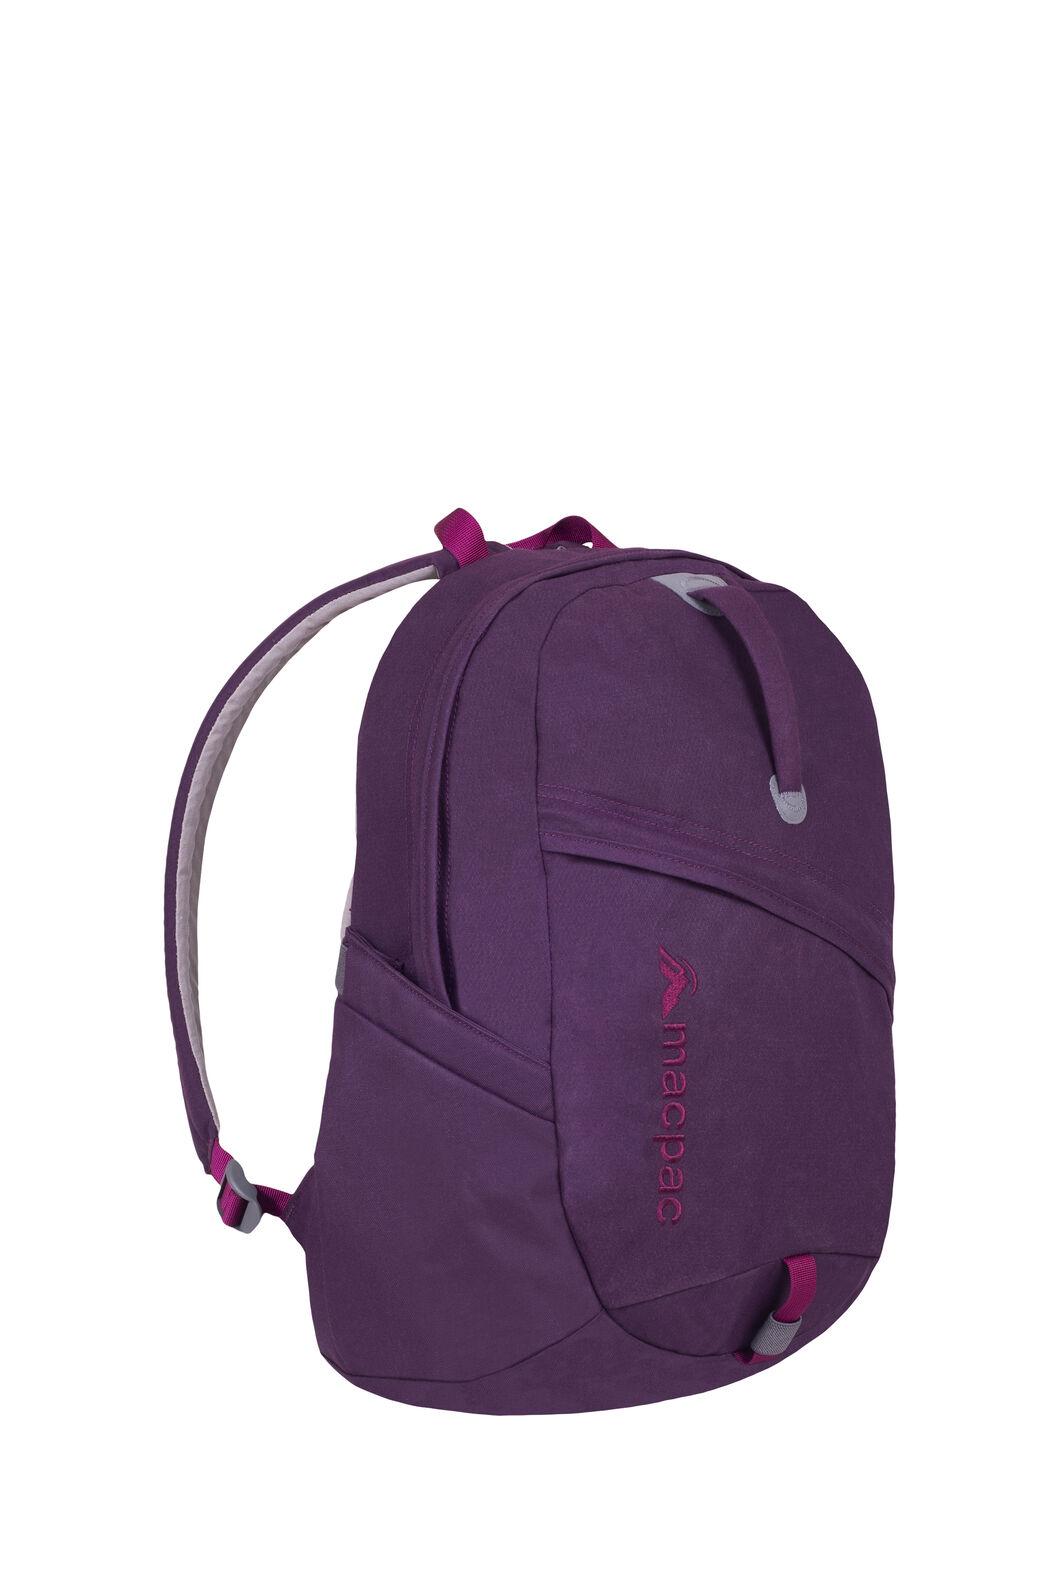 Macpac Wren Pack, Potent Purple, hi-res